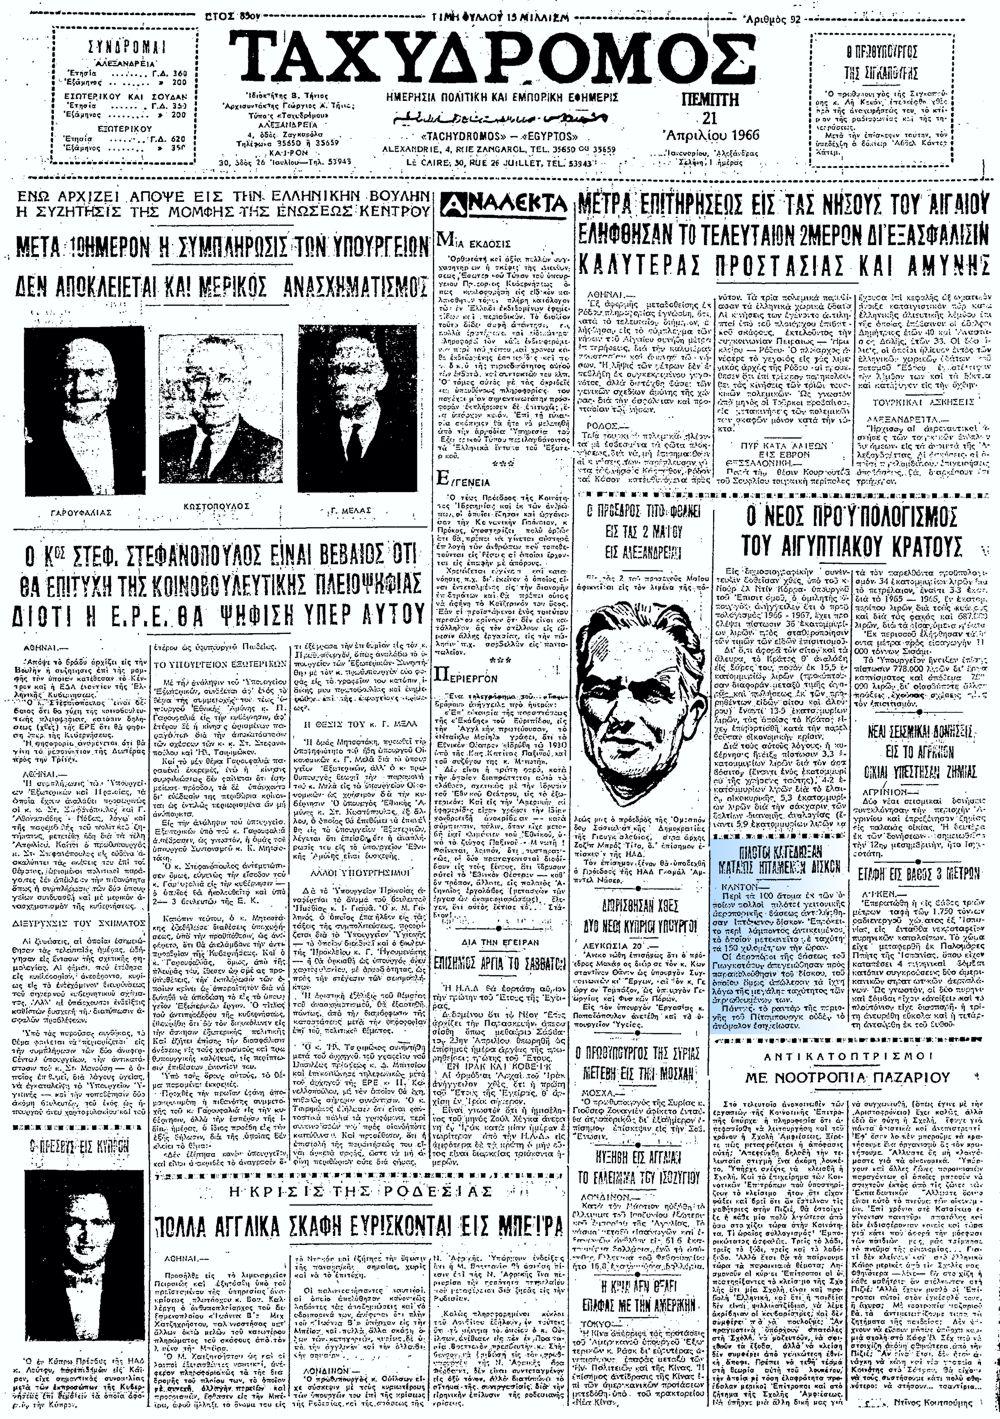 """Το άρθρο, όπως δημοσιεύθηκε στην εφημερίδα """"ΤΑΧΥΔΡΟΜΟΣ"""", στις 21/04/1966"""